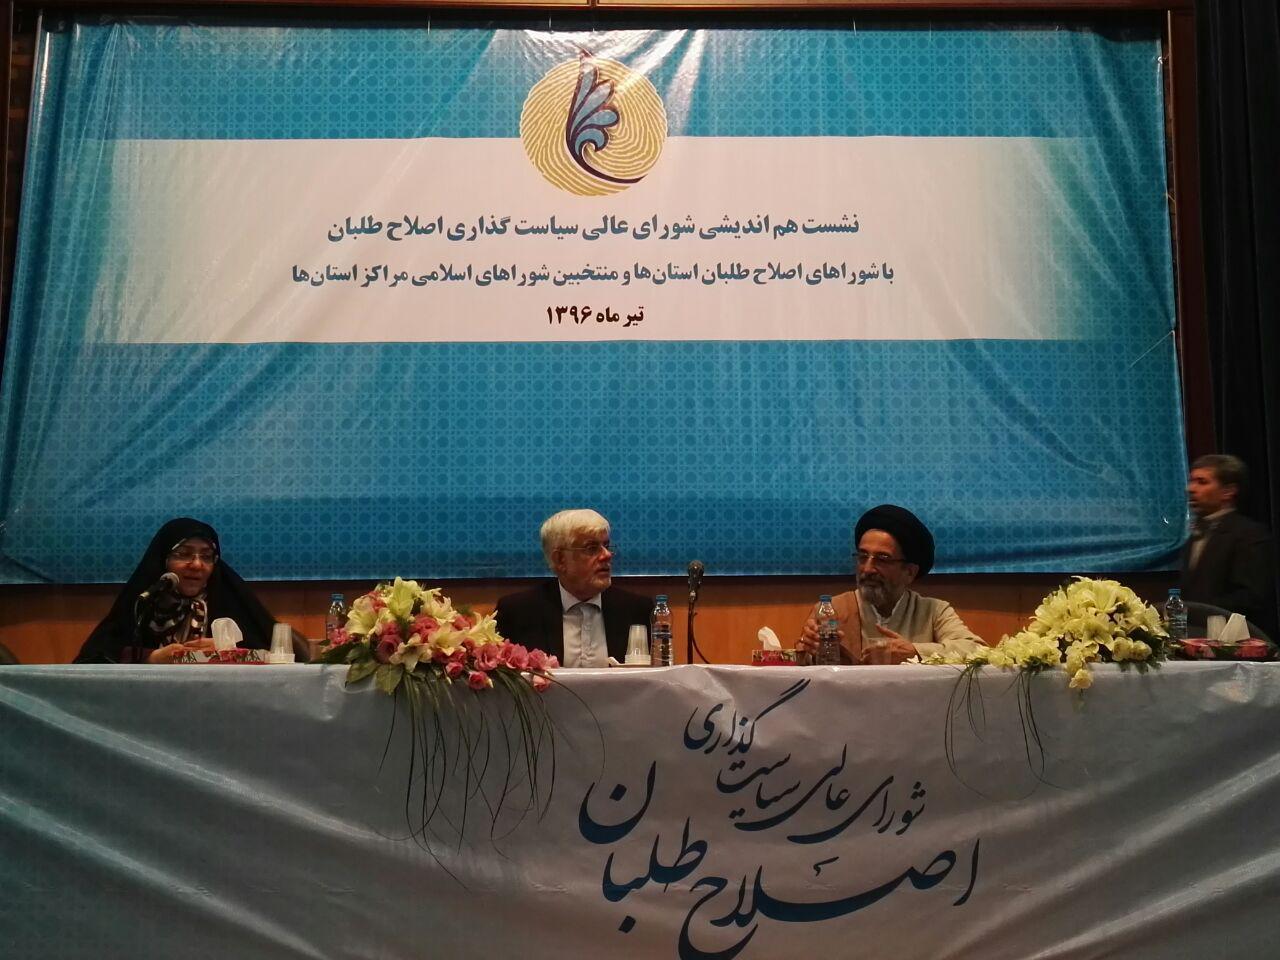 واکنش عارف به انتقادها از شورای عالی سیاستگذاری اصلاح طلبان